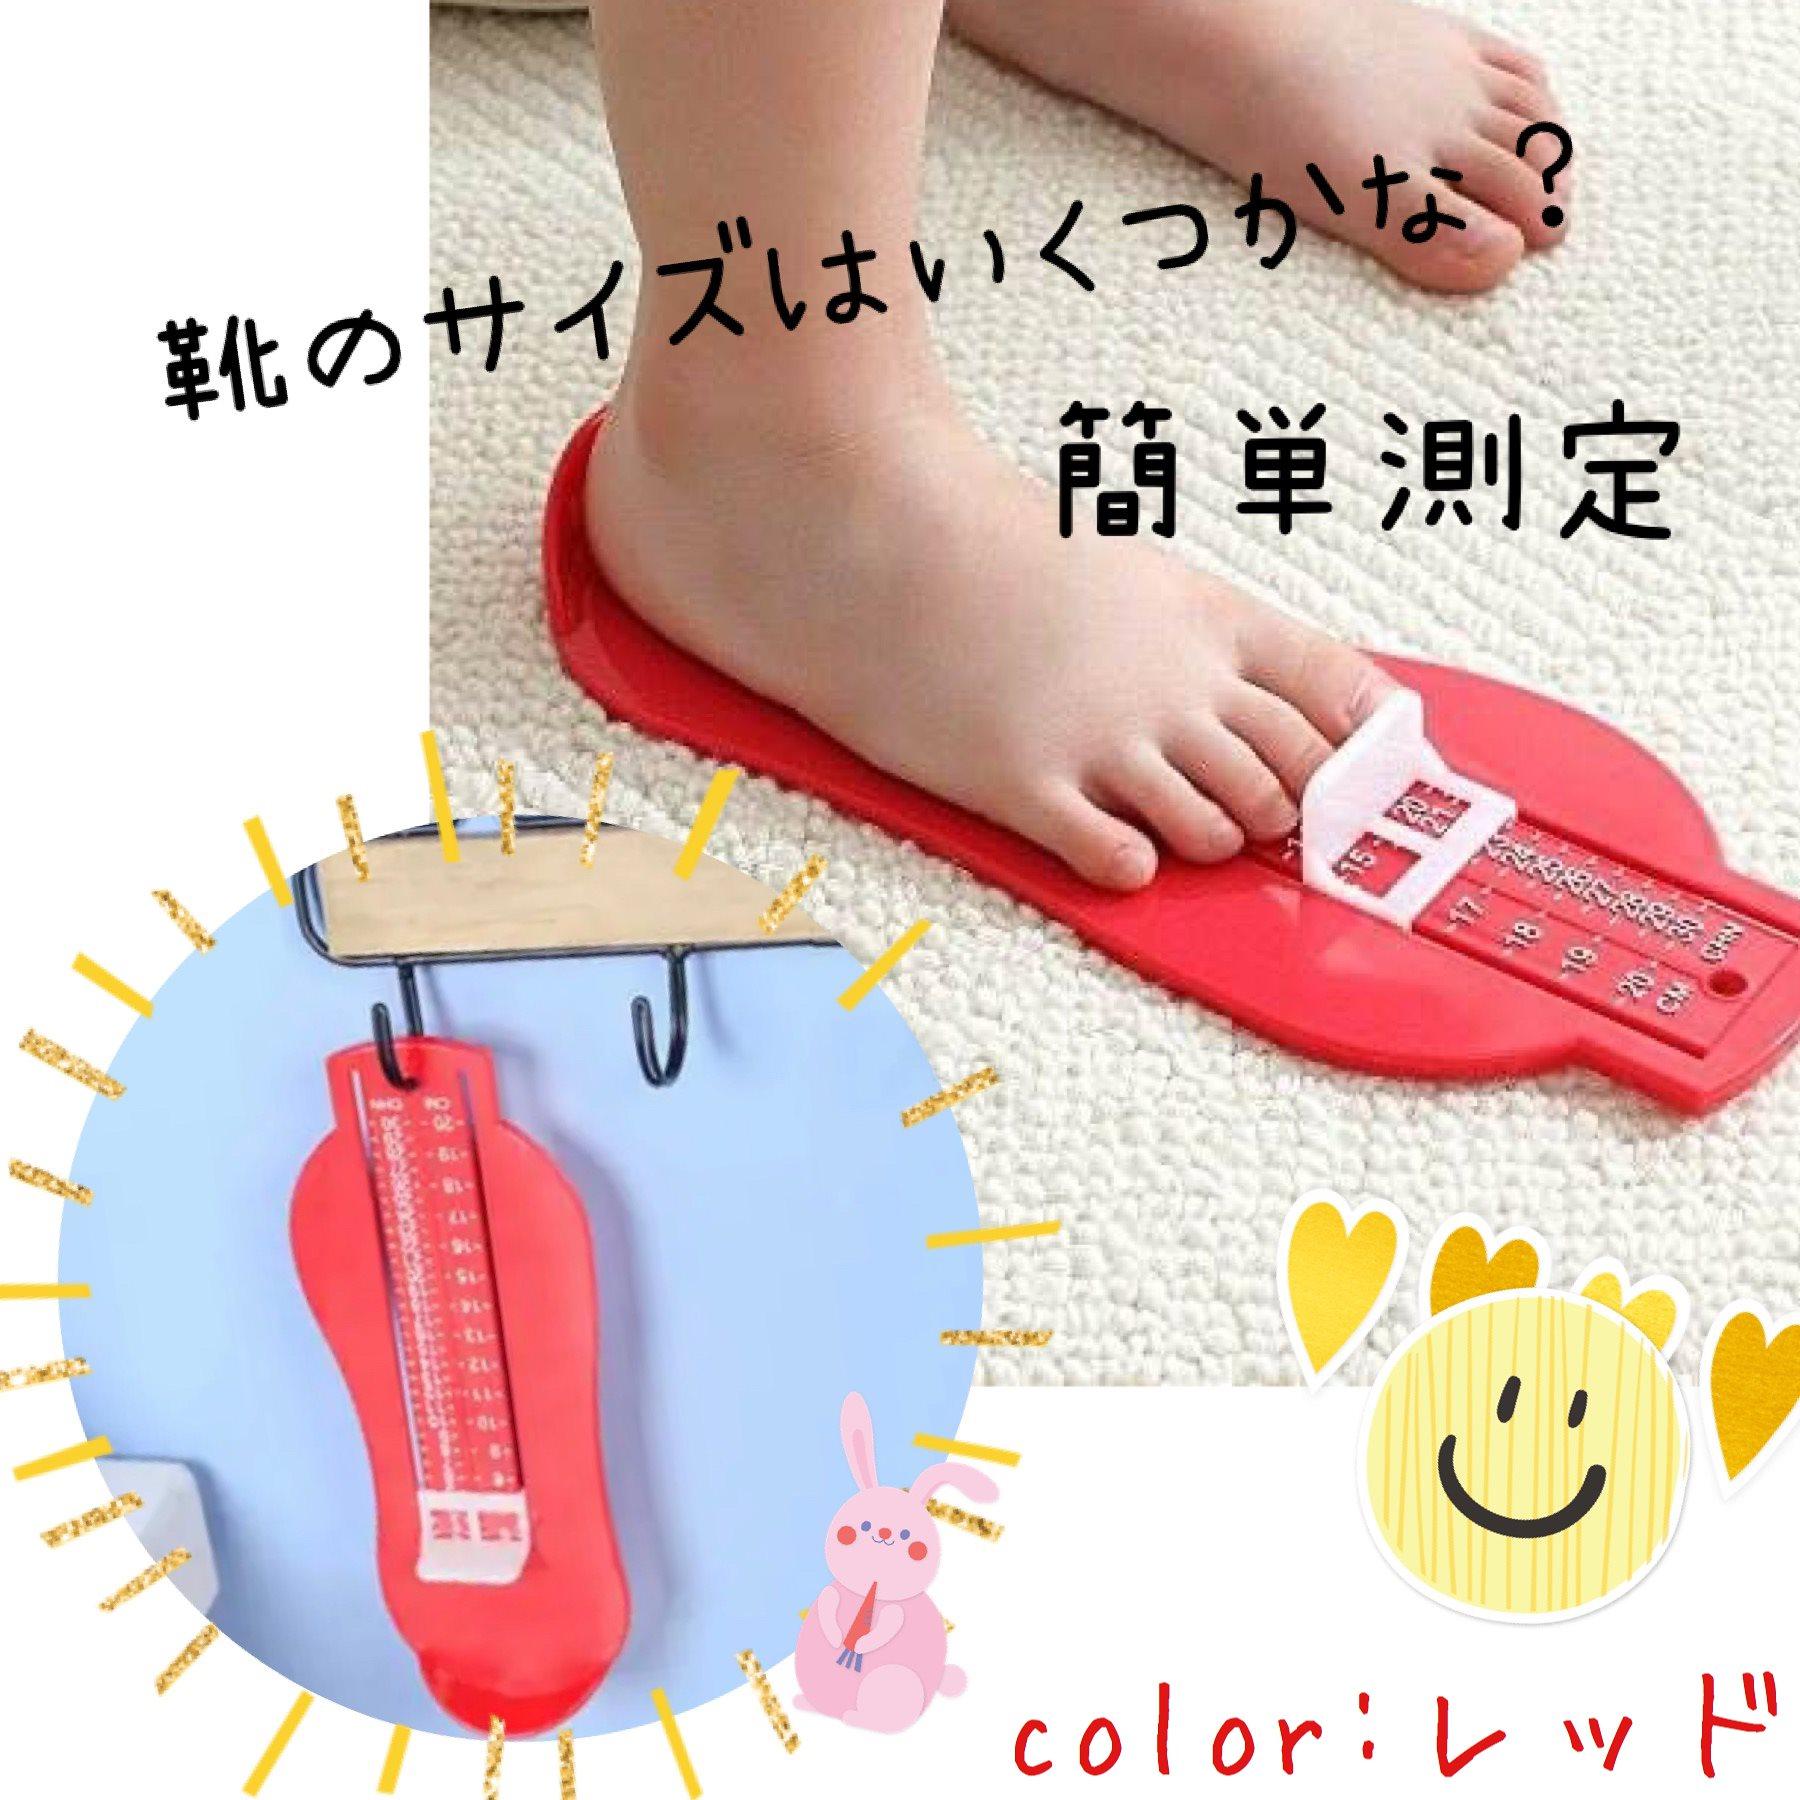 フットメジャー メジャー 測り フットスケール 足の大きさ 子供用 簡単測定 靴 くつ キッズ ベビー